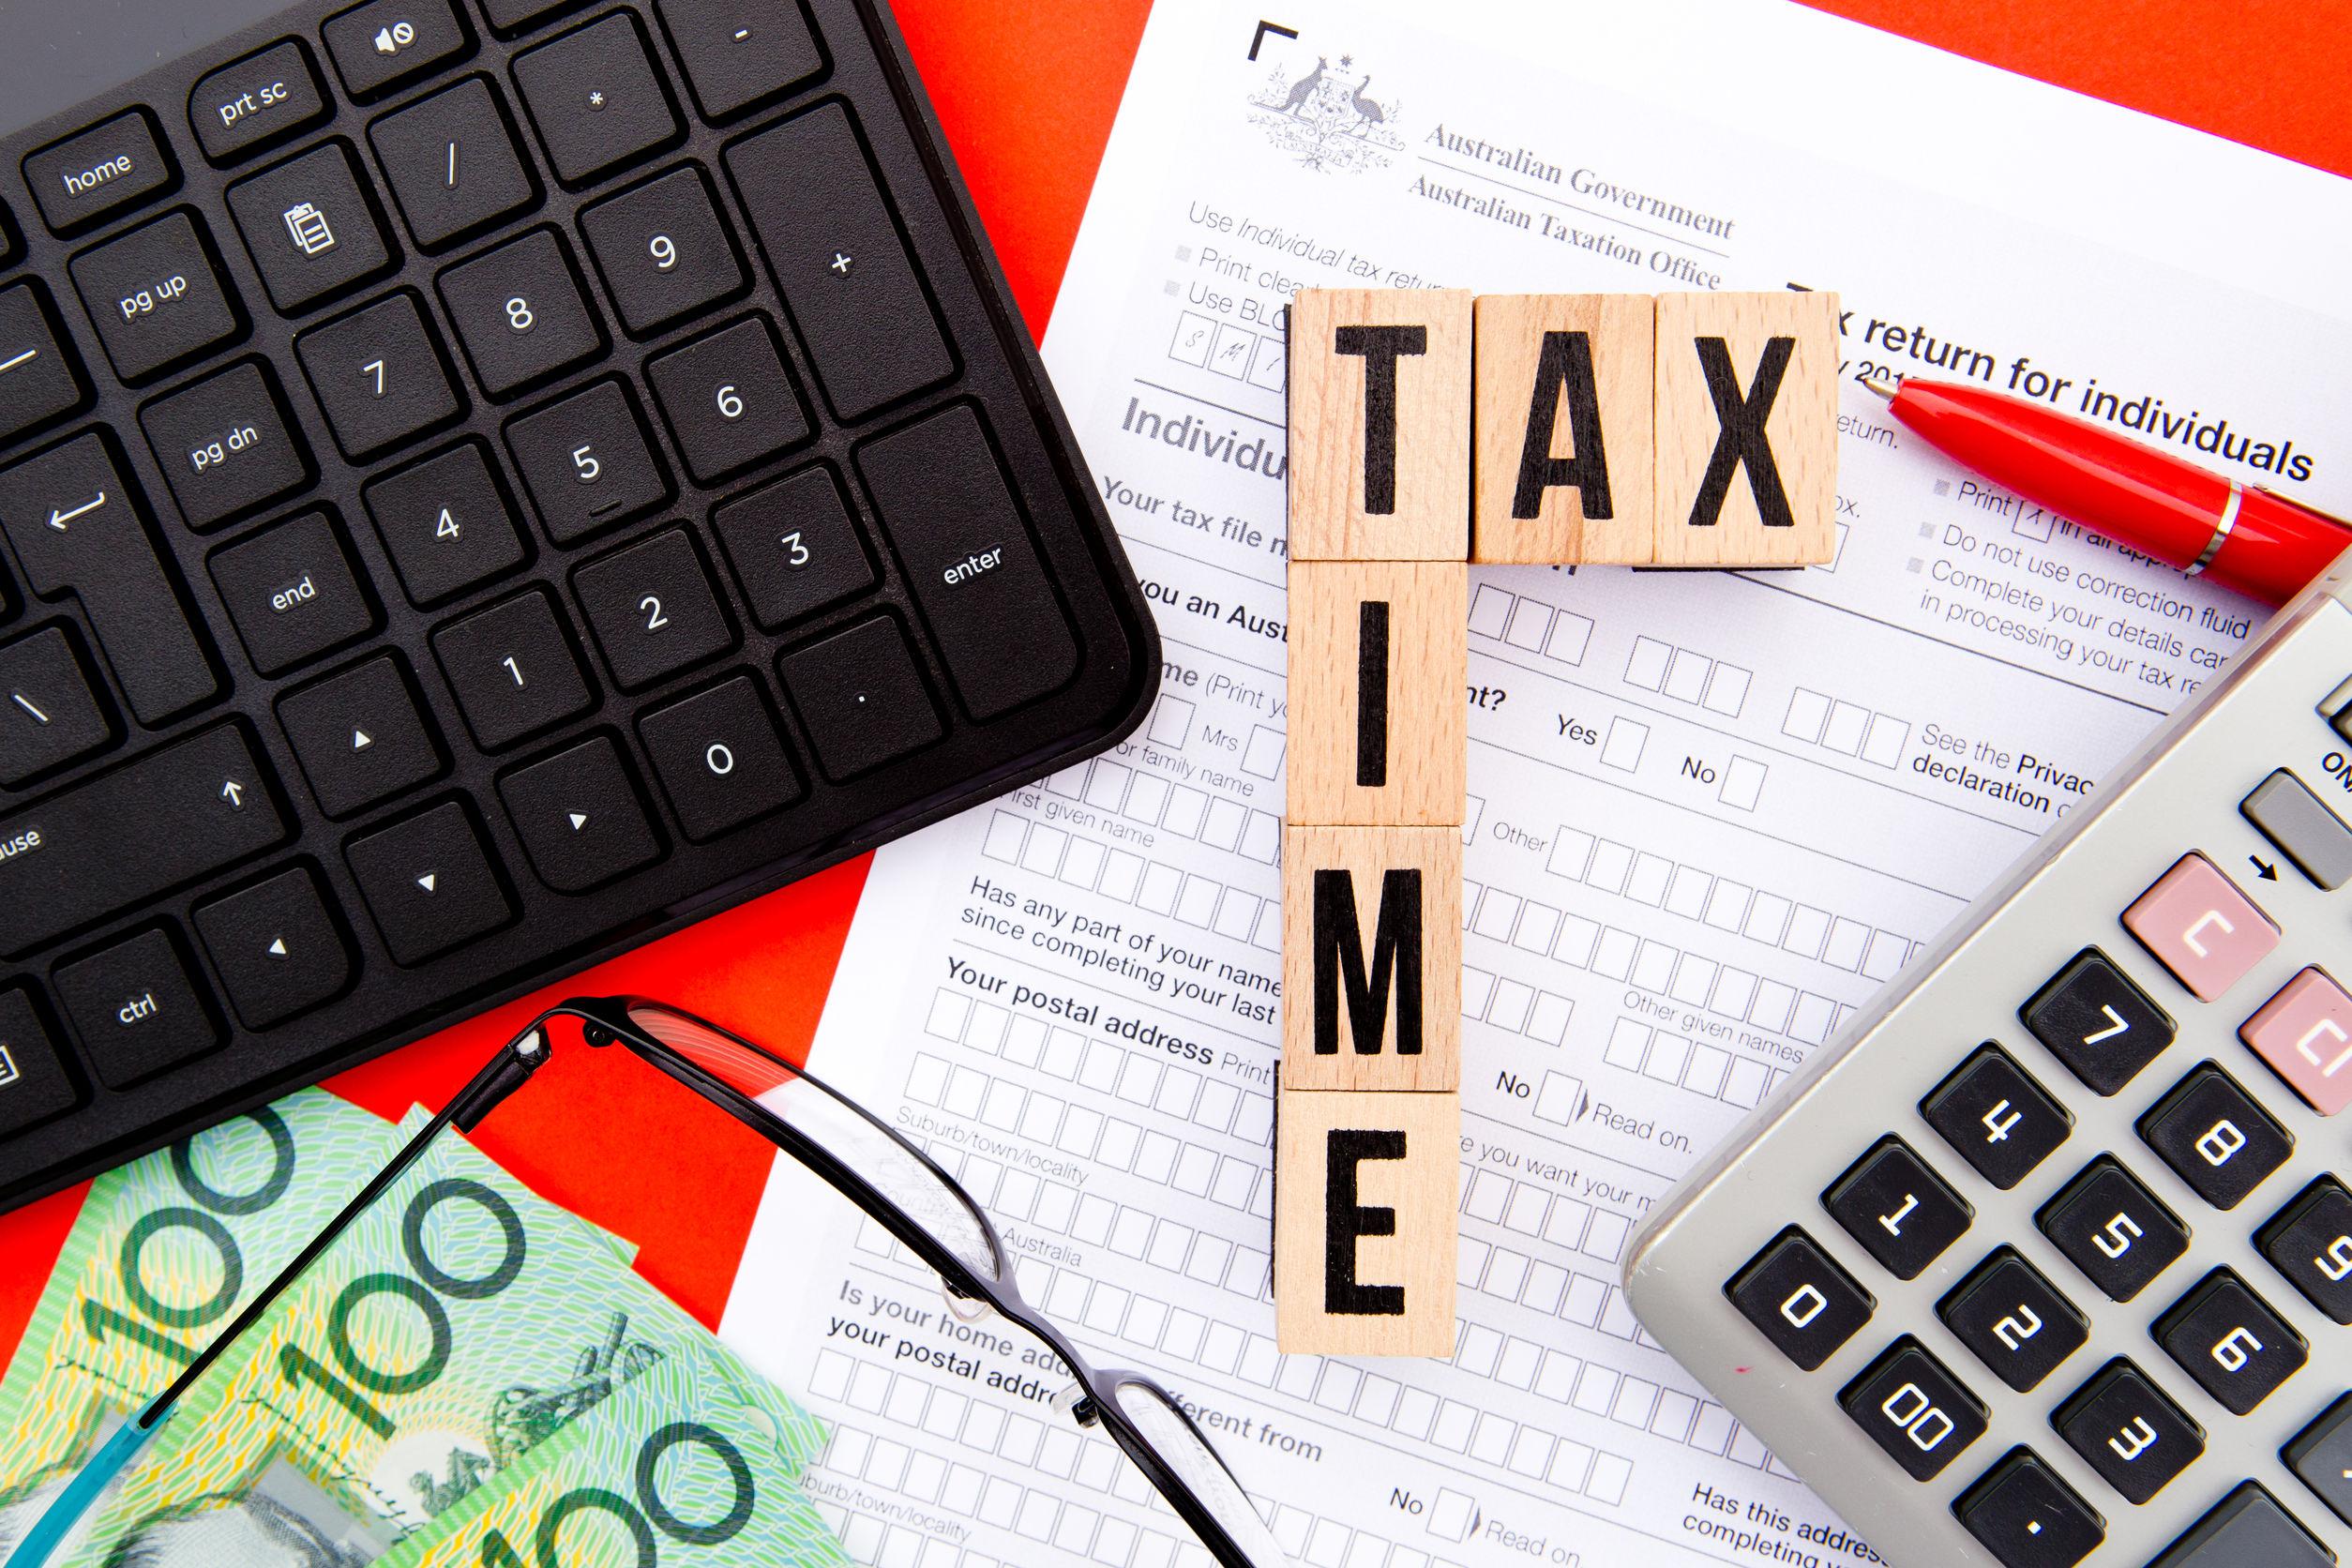 Last Second Tax Tips | Community Tax